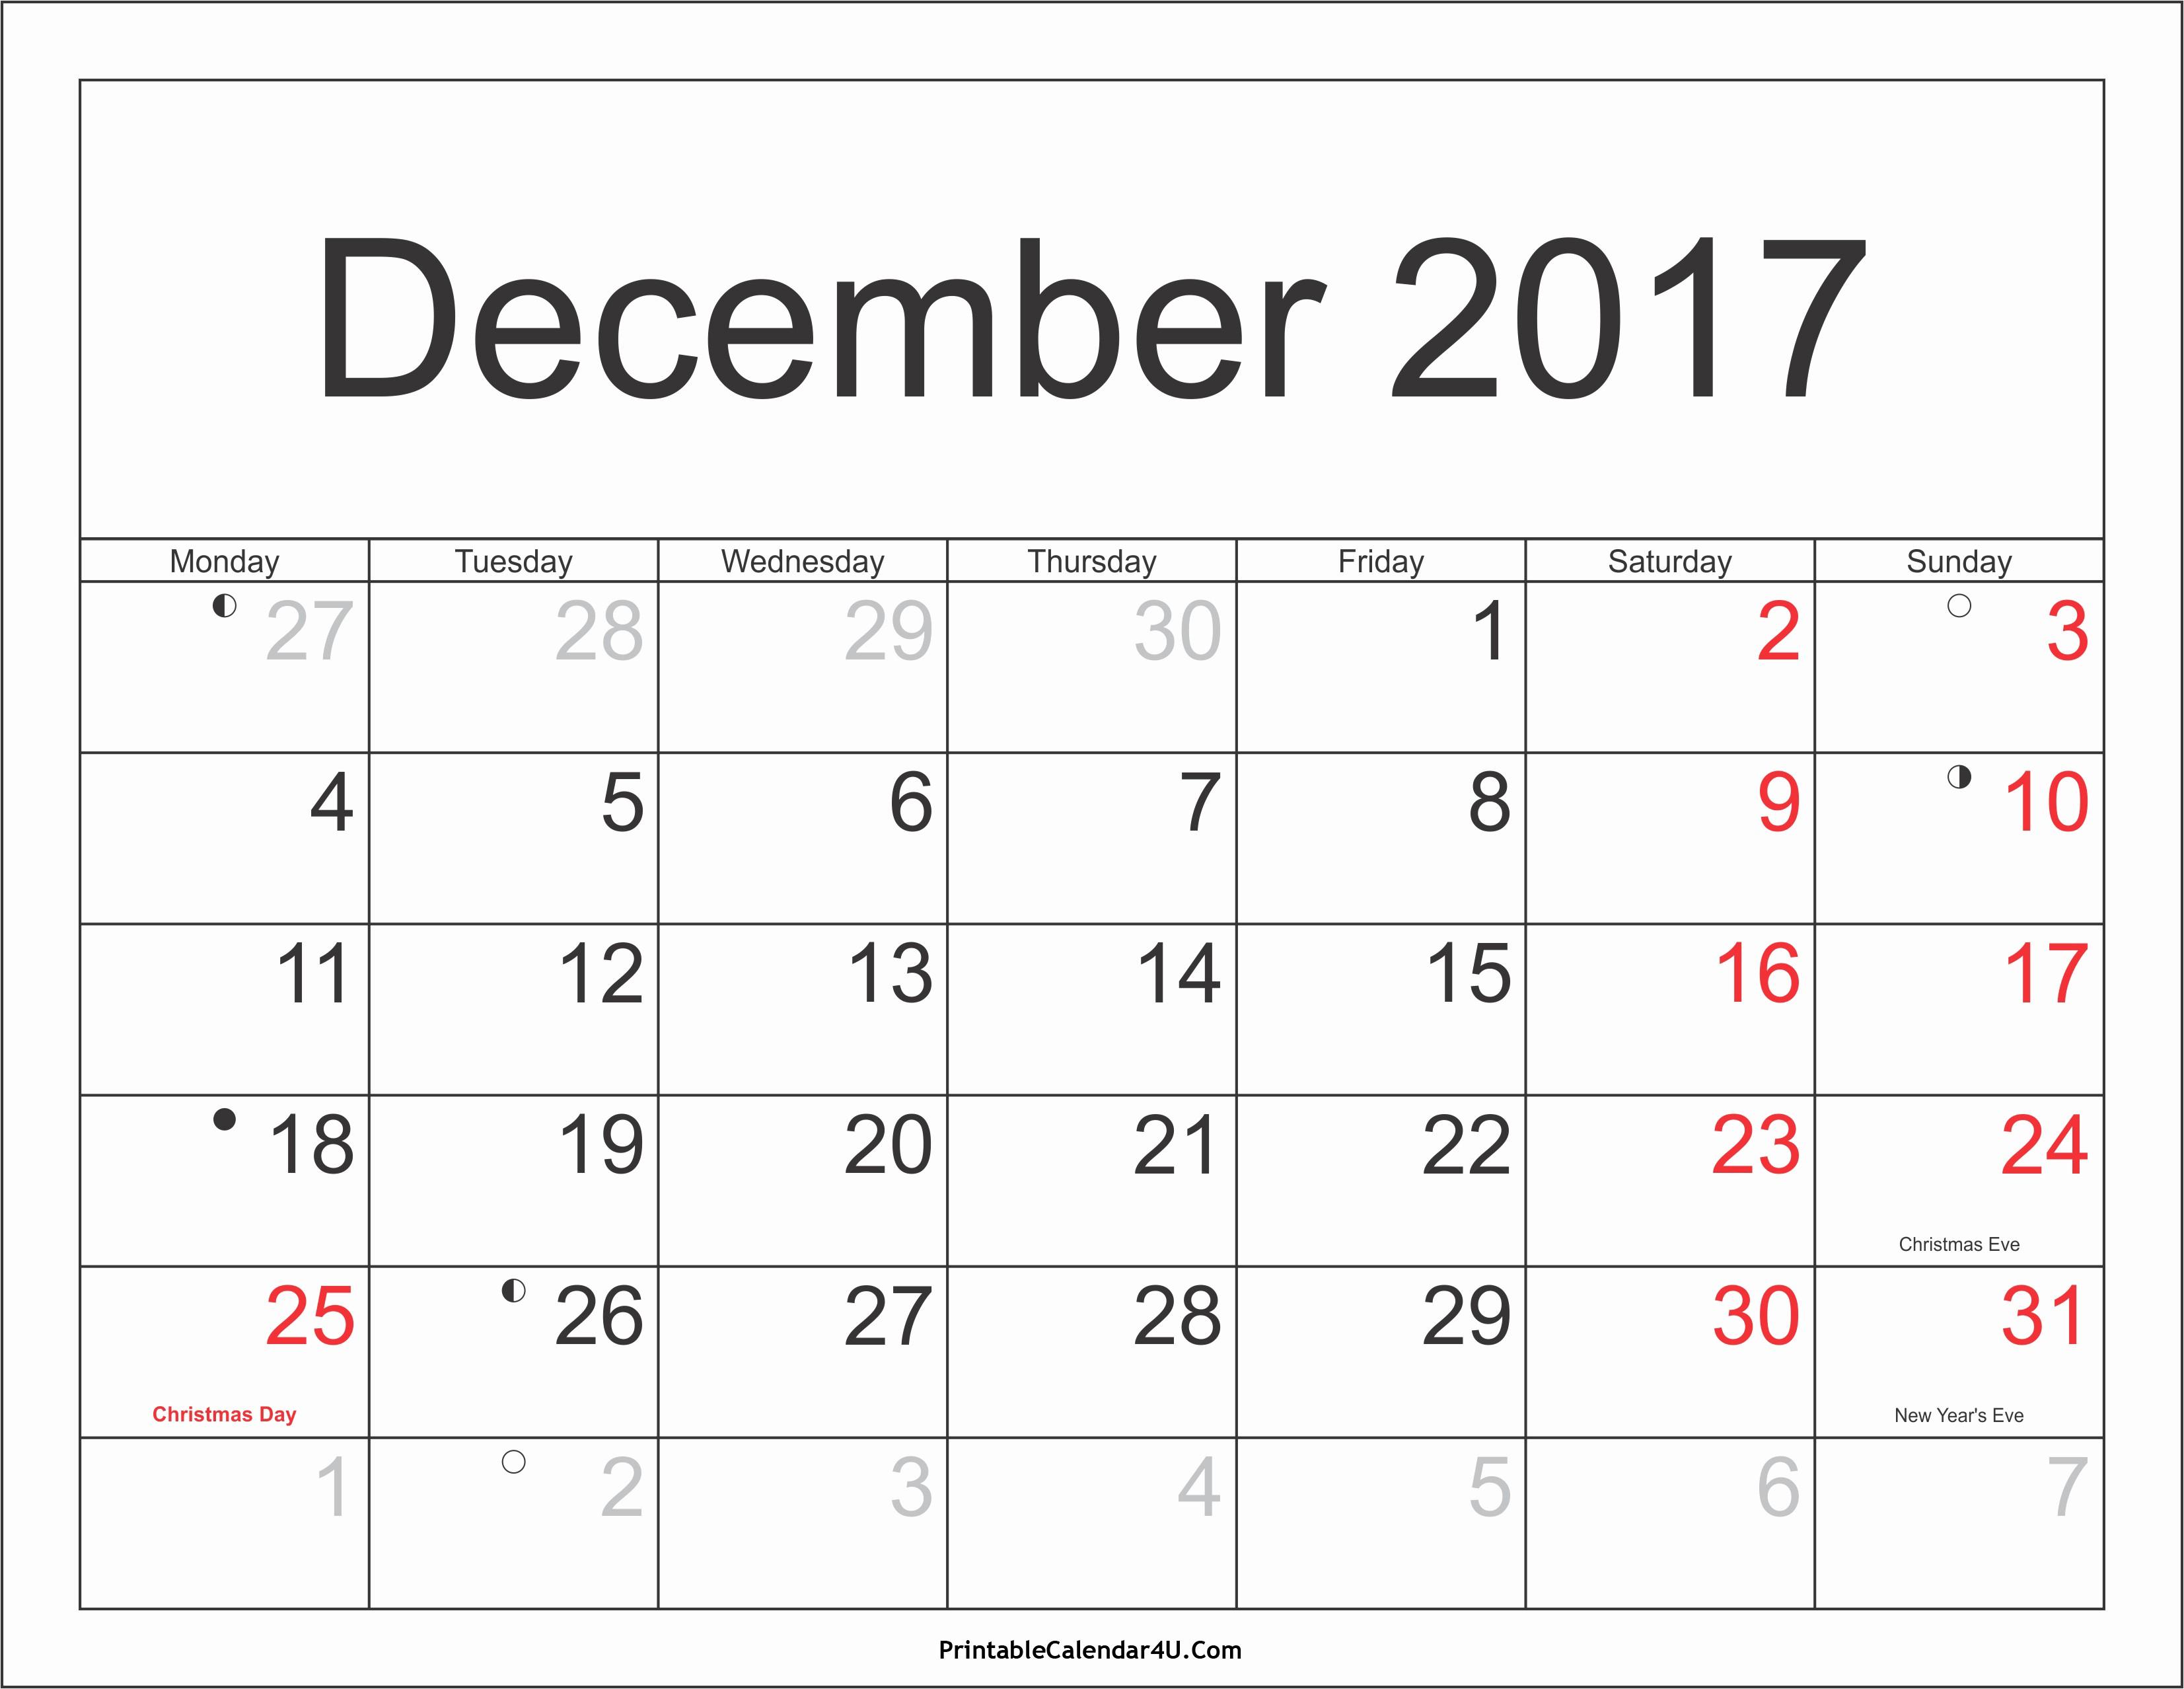 December 2017 Calendar Template Word New December 2017 Calendar Pdf